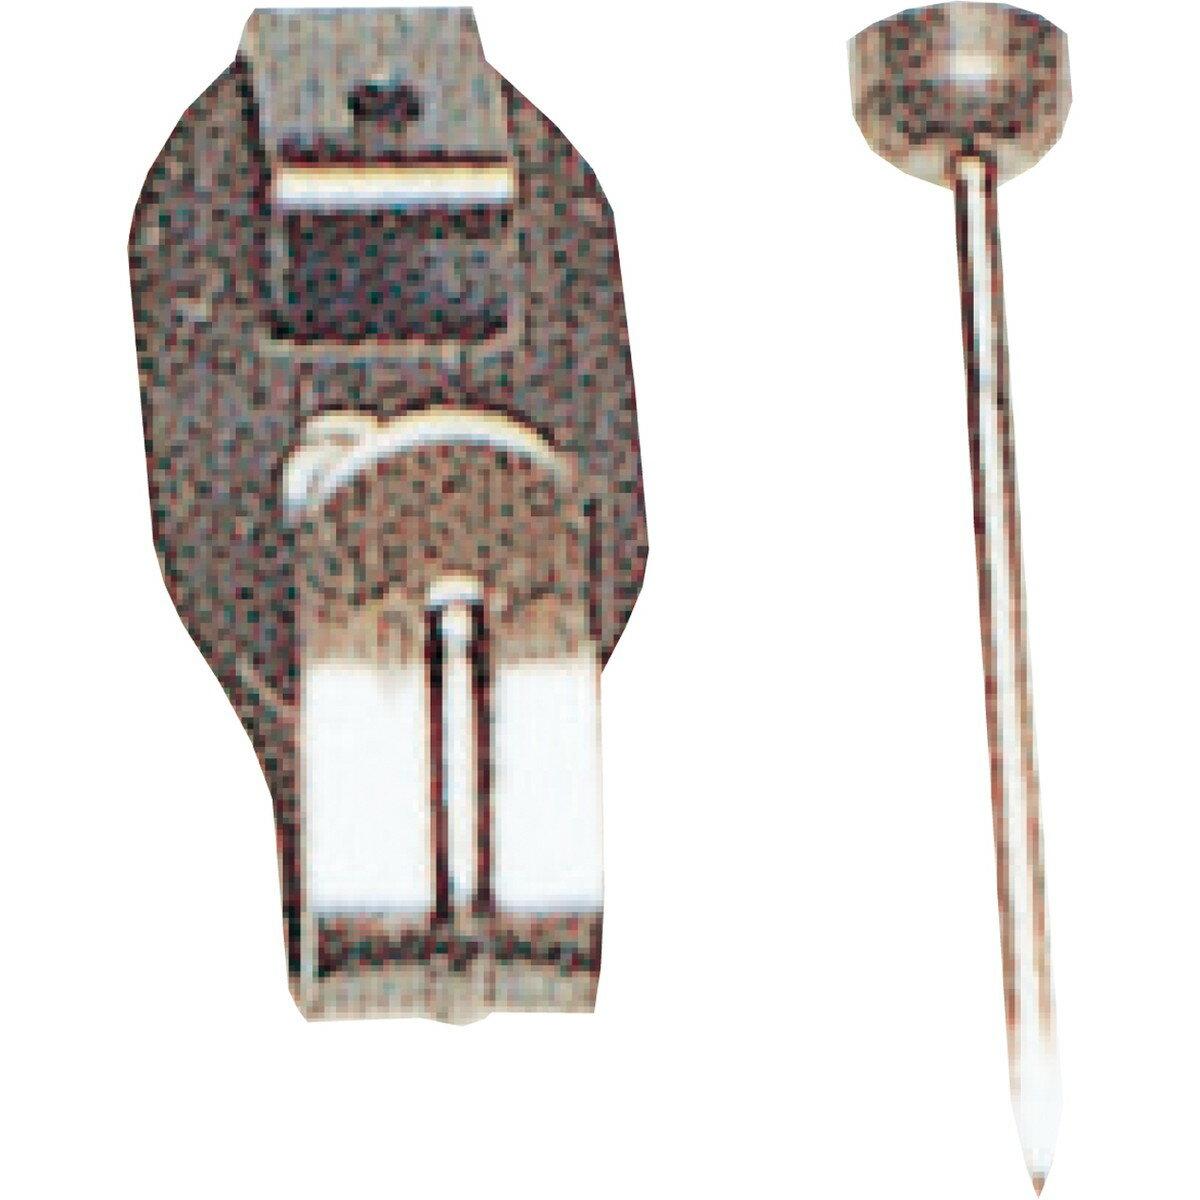 Artec(アーテック) 鉄並Xフック 小 1本針 4013 単品 #196175